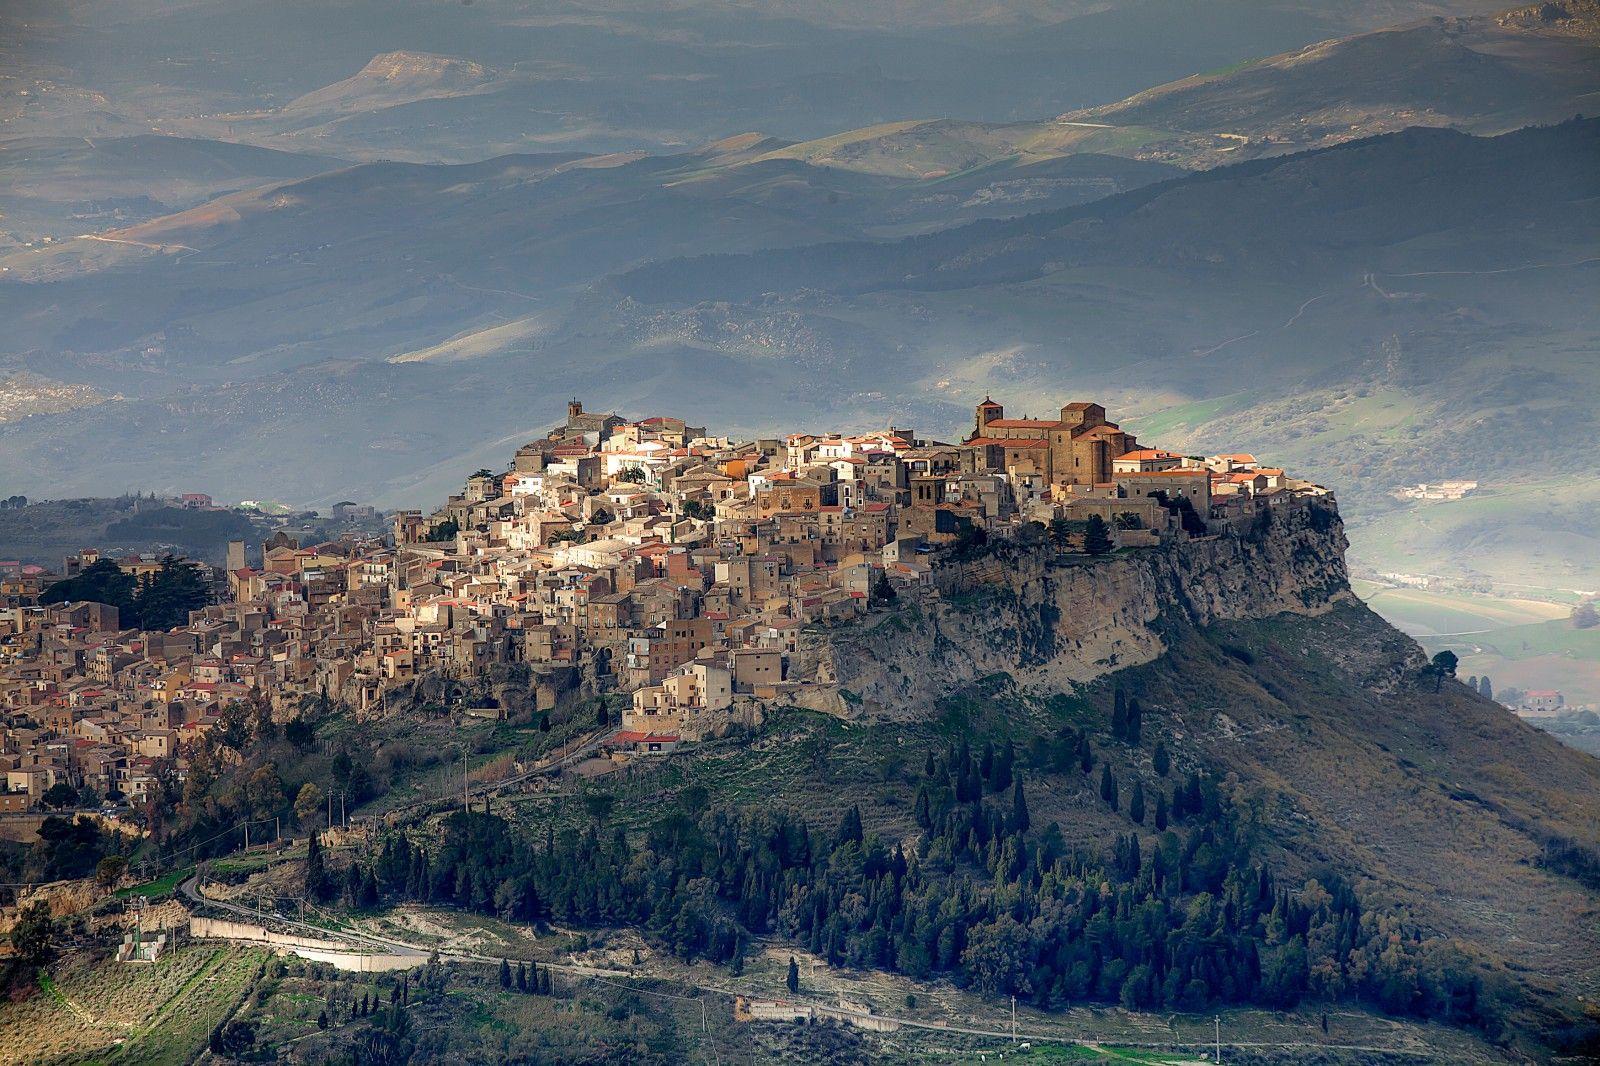 Durante le prossime due settimane scopriremo insieme Enna, la provincia più alta d'Italia. Fra chiese e castelli quattrocenteschi, la città si erge su di un paesaggio ricco di boschi e specchi d'acqua, che affascinano il viaggiatore attento.